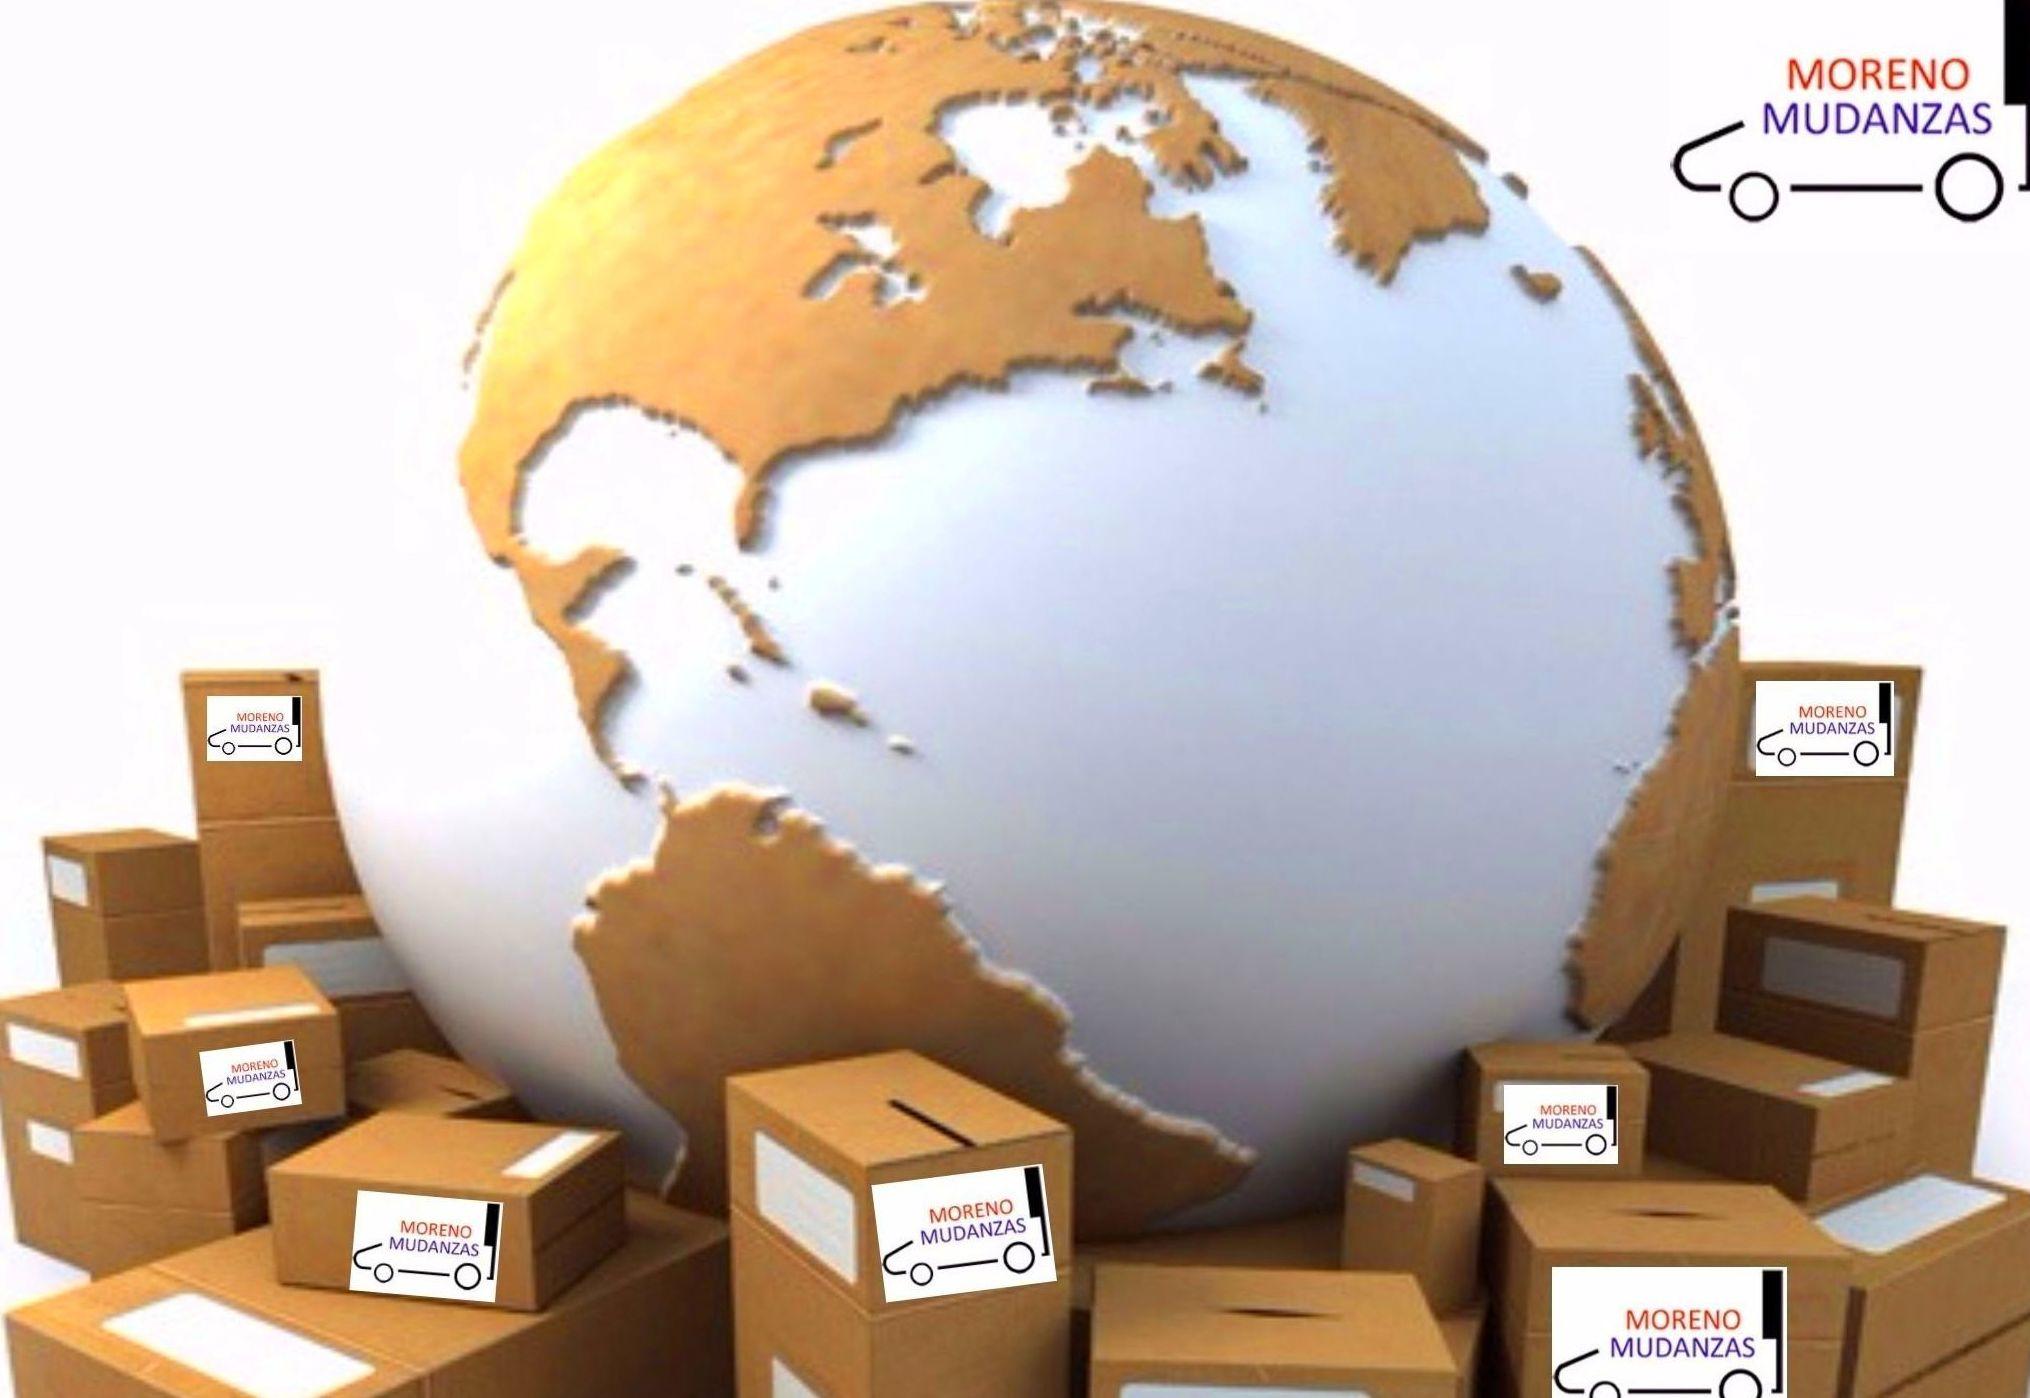 Proteja su mudanza internacional con un buen seguro